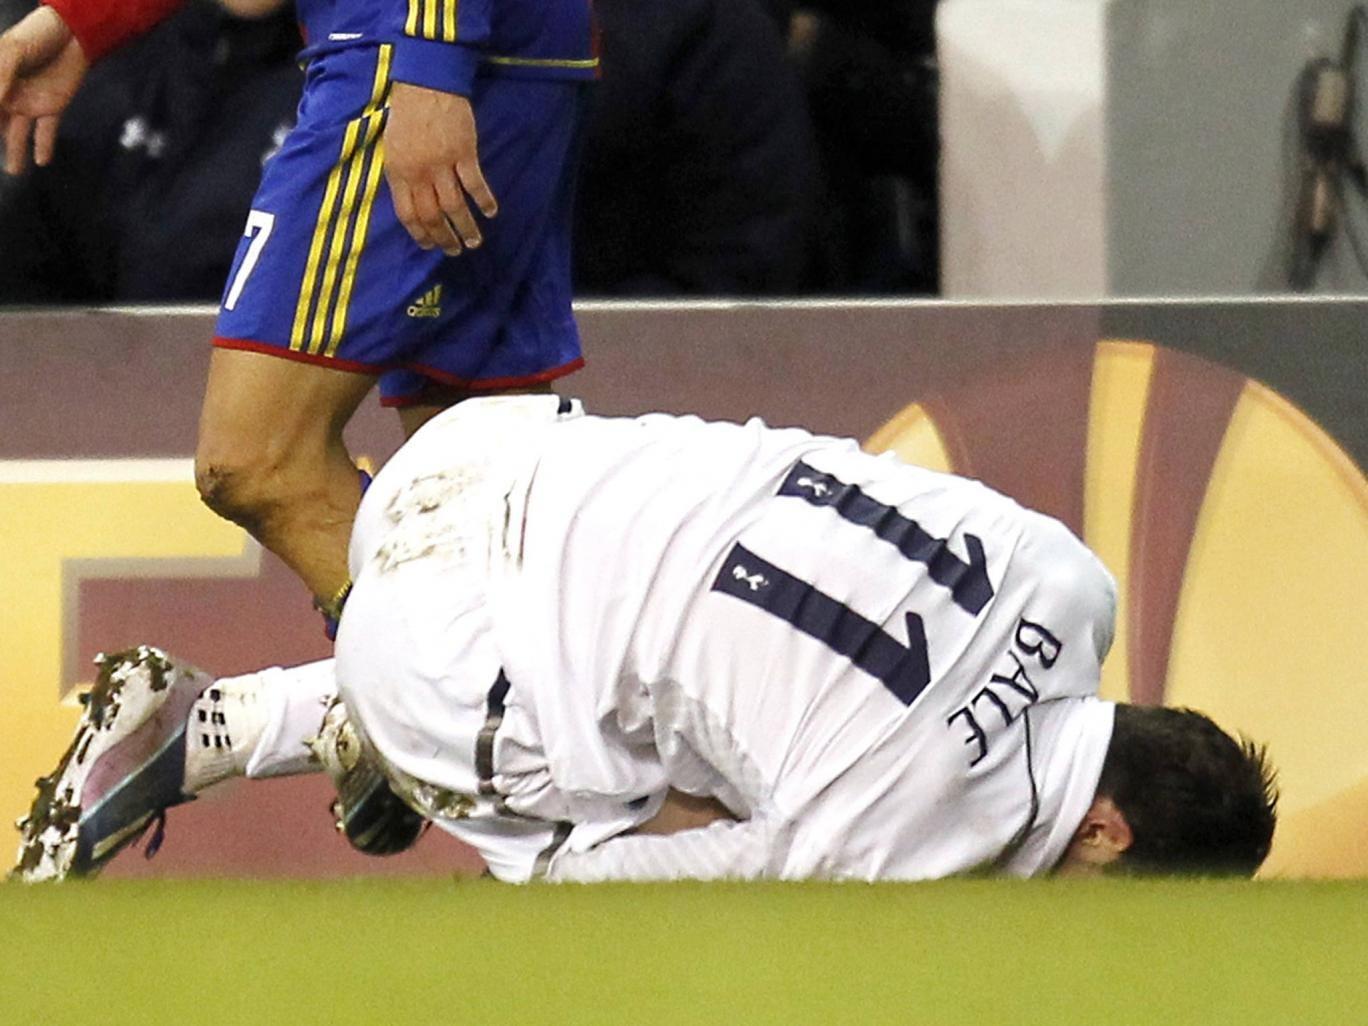 Gareth Bale goes down injured